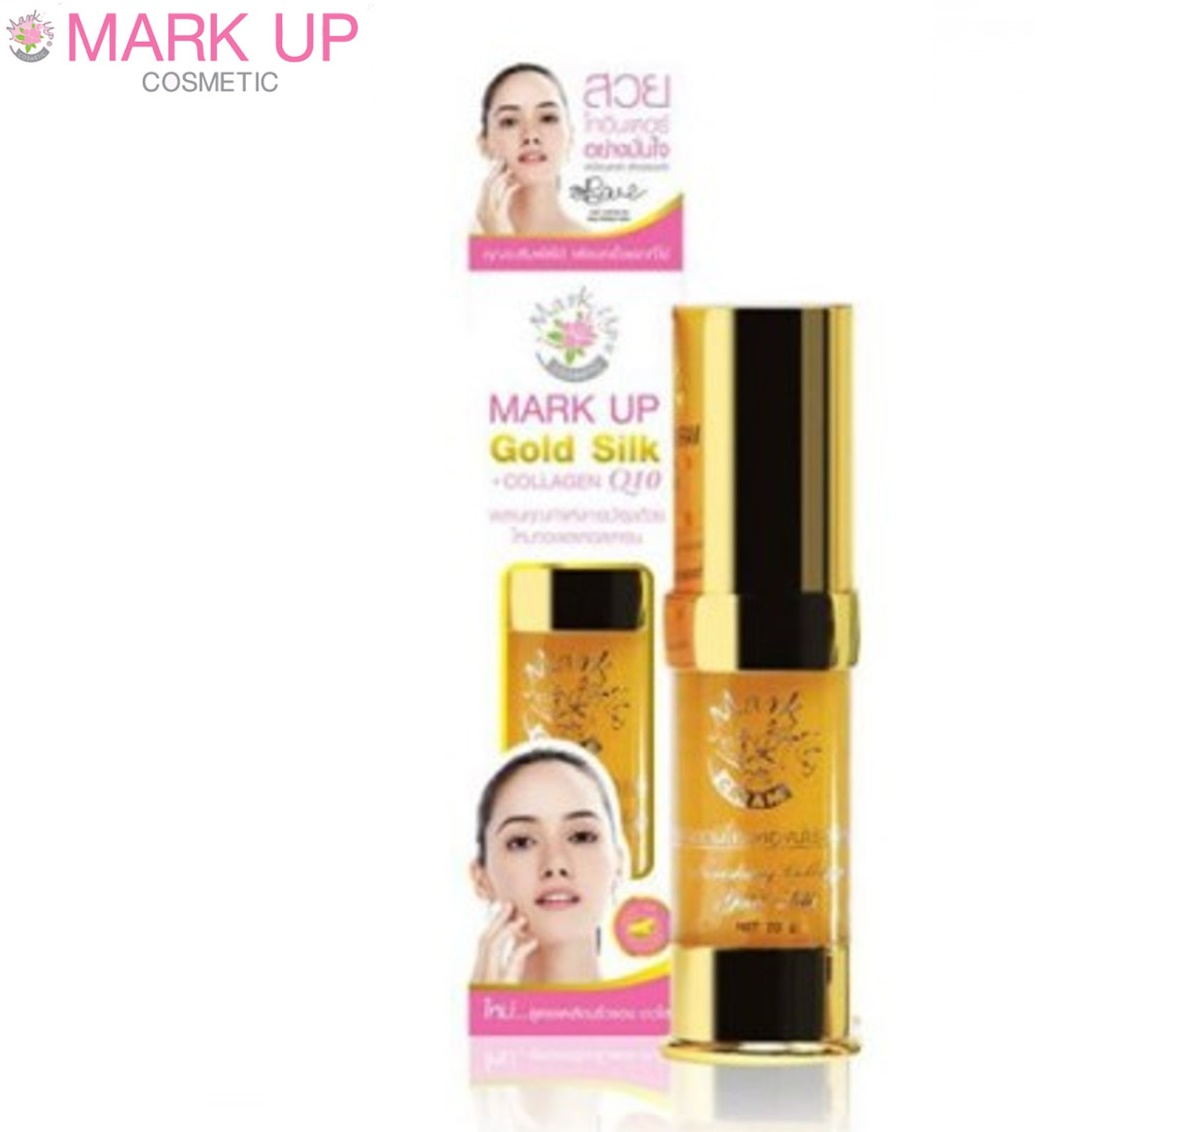 **ของแท้**พร้อมส่ง** มาร์คอัพ ไหมทอง คอลลาเจน Collagen Mark Up Gold Silk Collagen Q10